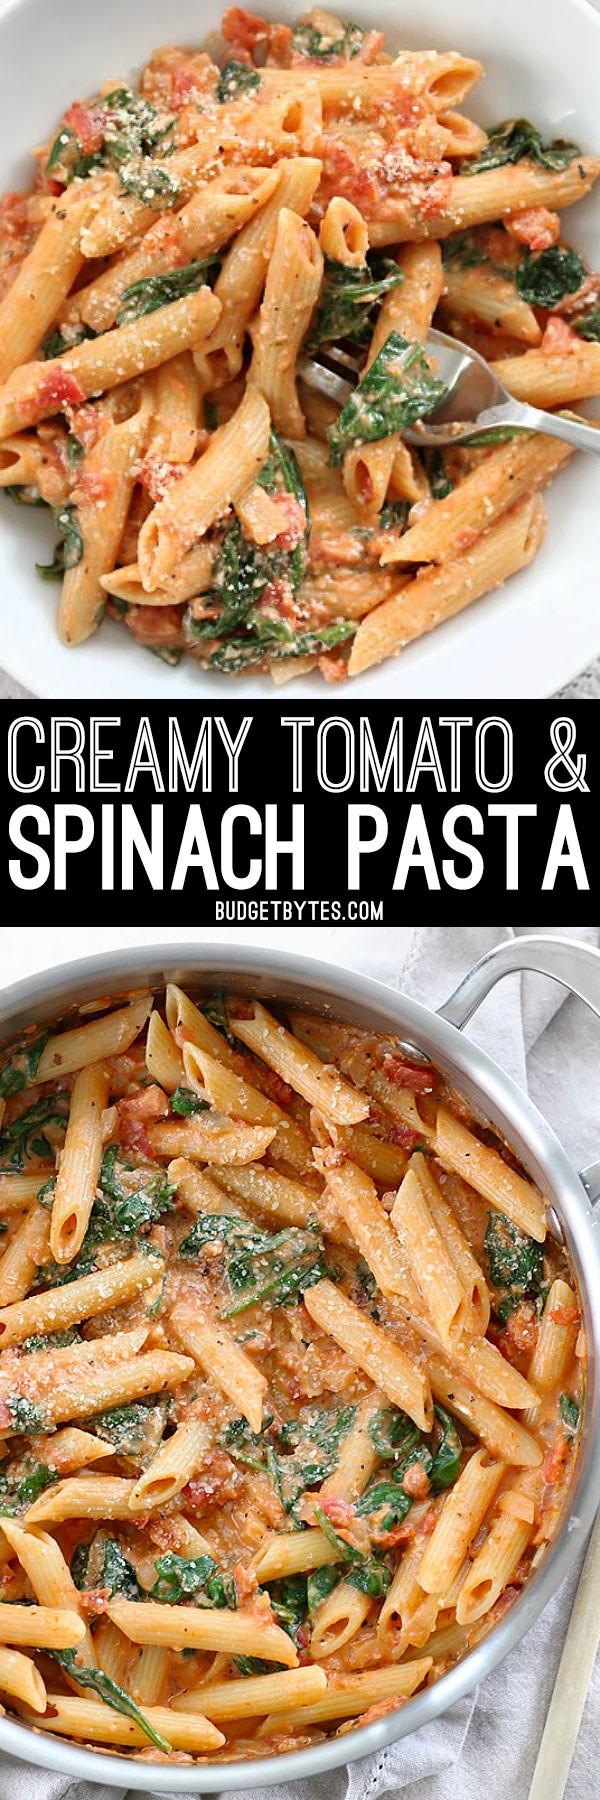 Get the recipe Creamy Tomato Spinach Pasta @recipes_to_go